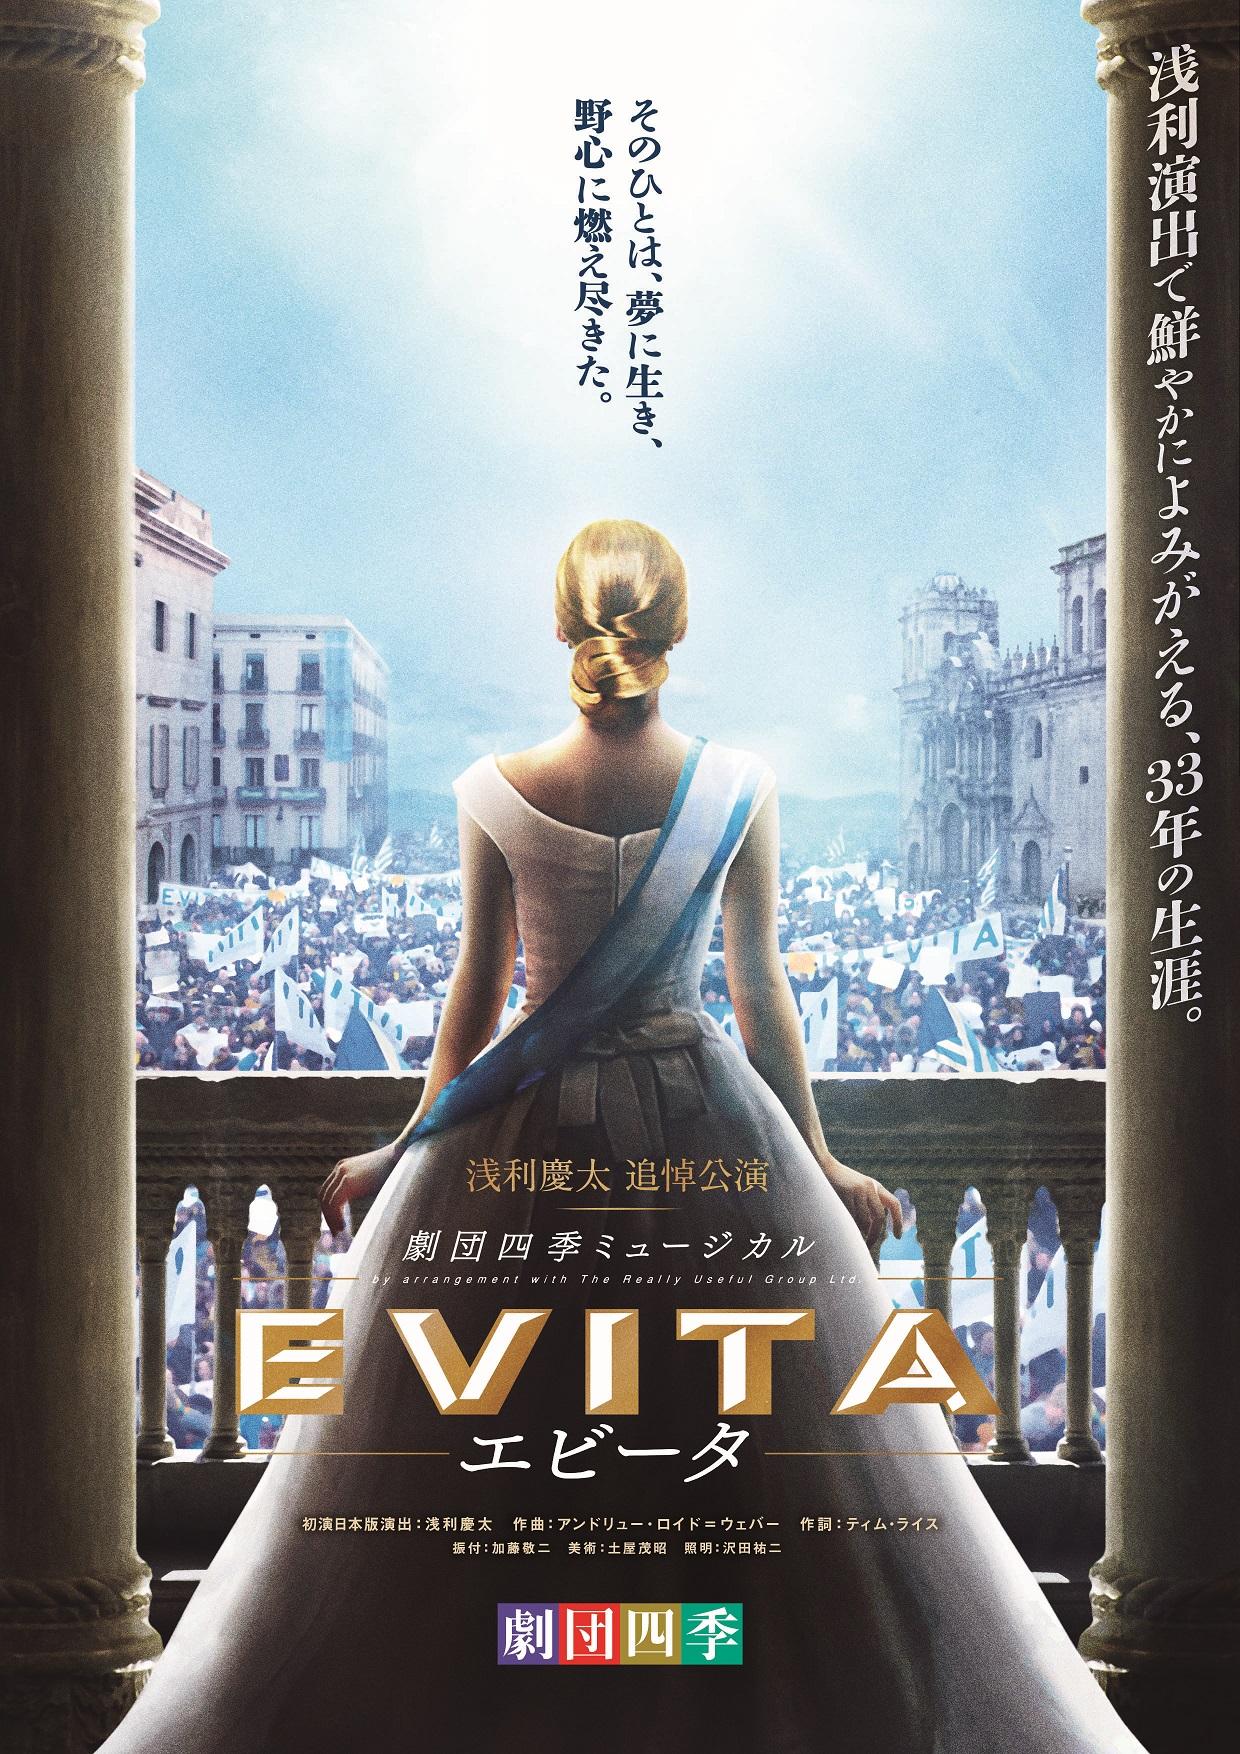 劇団四季ミュージカル EVITA